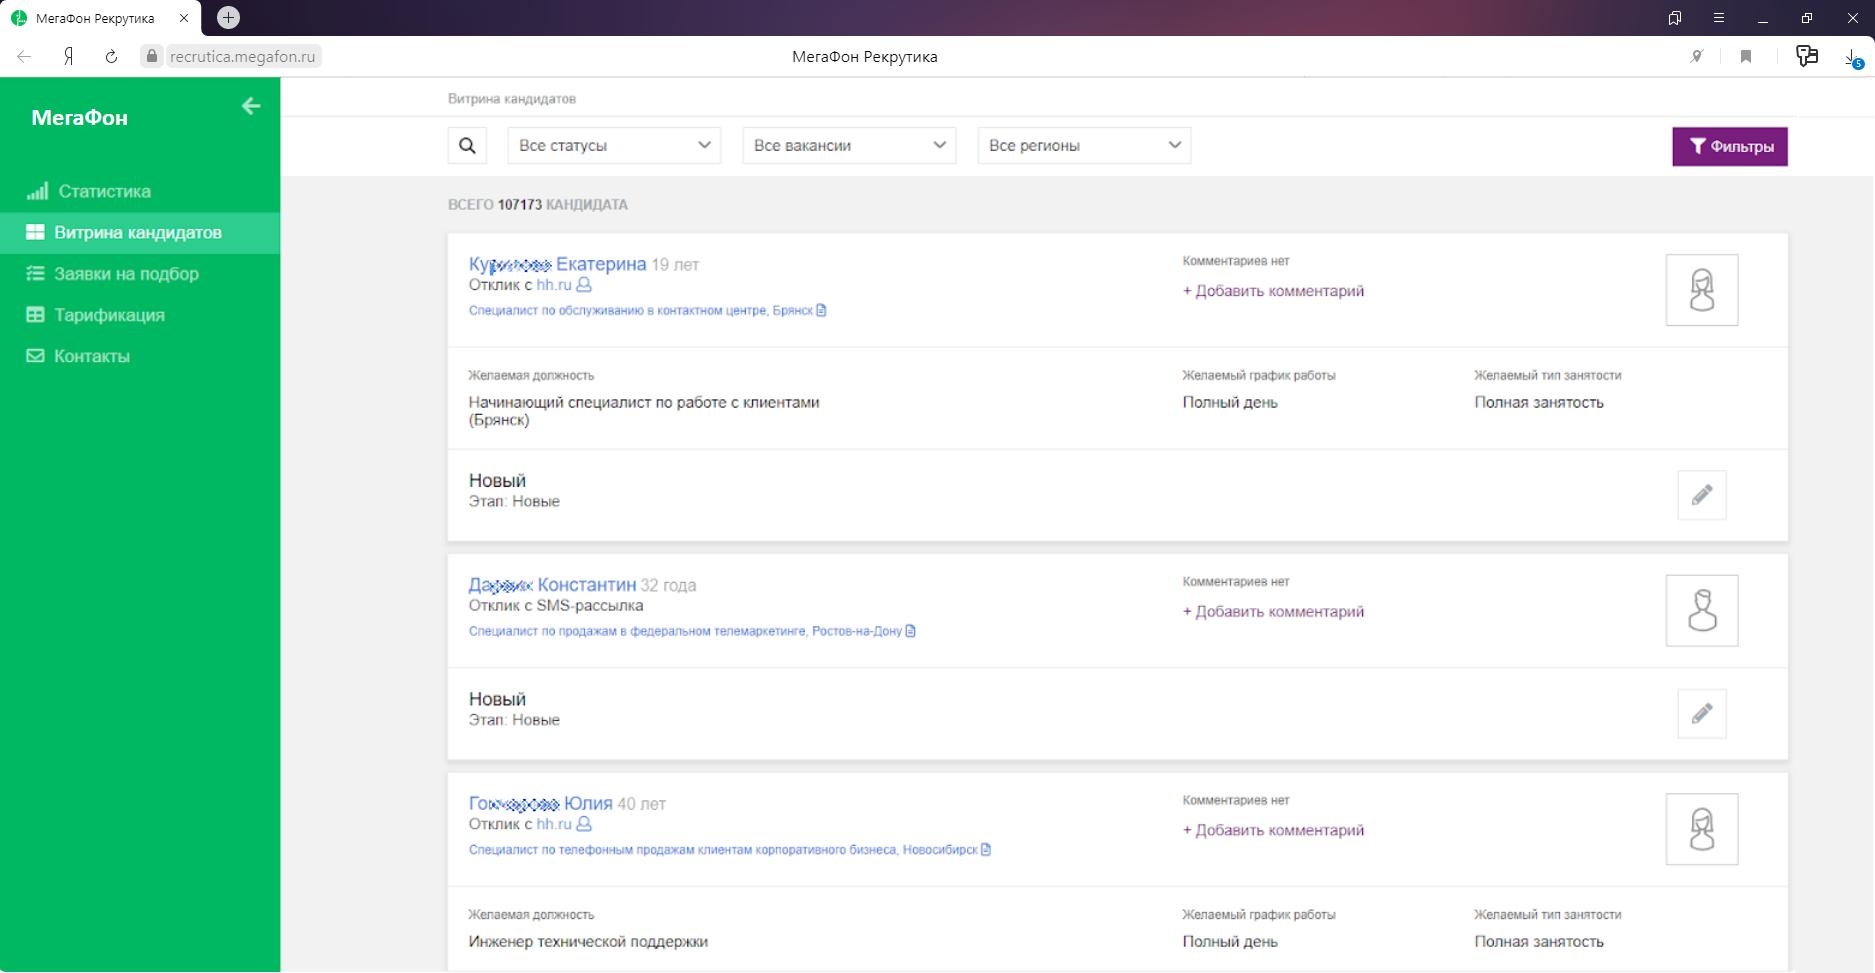 Просмотр витрины кандидатов в HR-платформе МегаФон Рекрутика